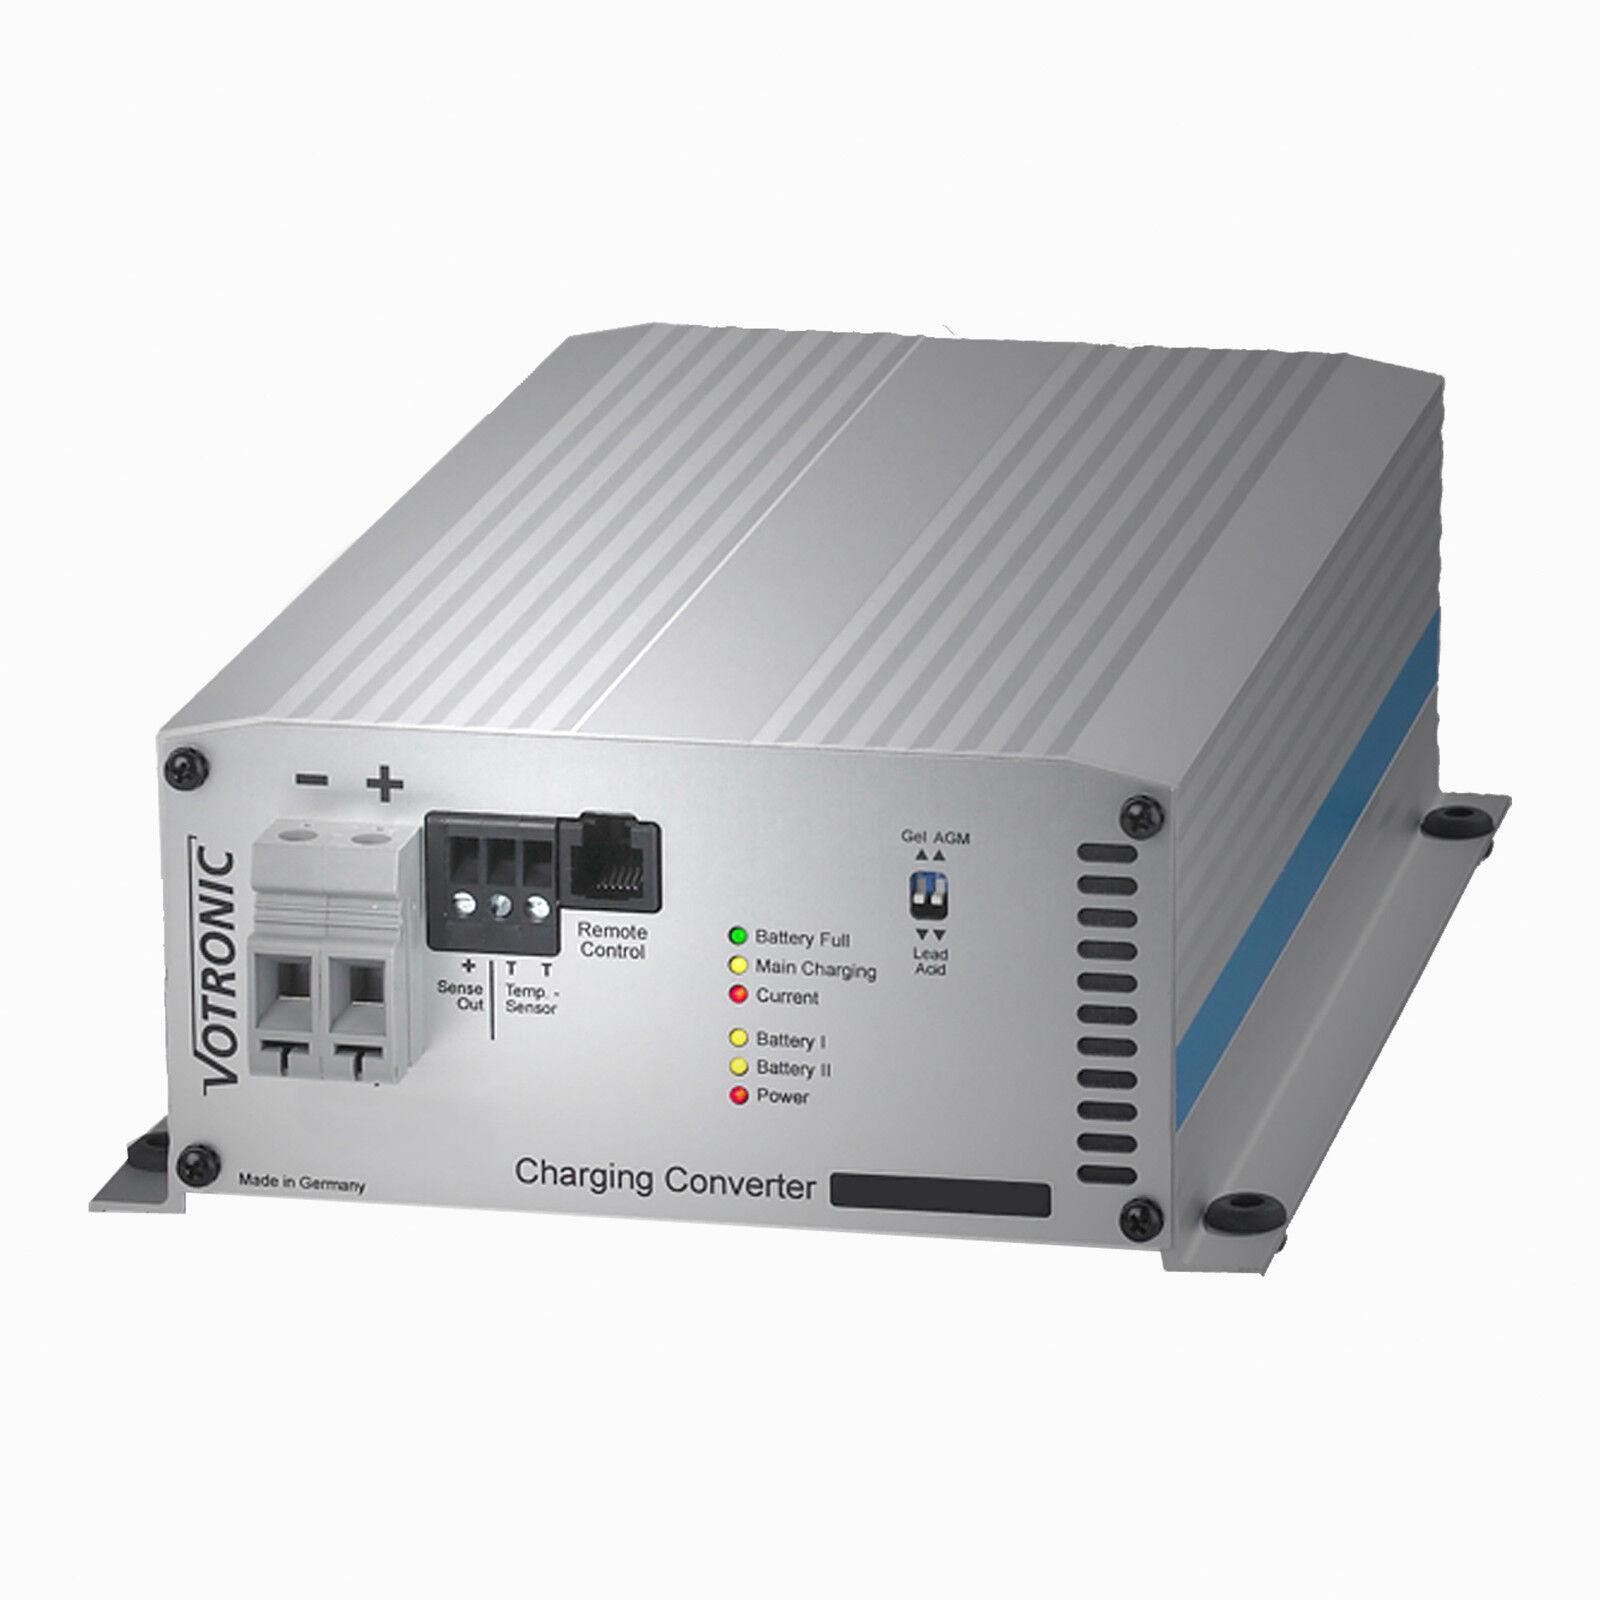 Votronic VCC 1224-25 IU Ladewandler Batterie zu Lader Batterie Lader zu B2B Ladegerät f80cbb